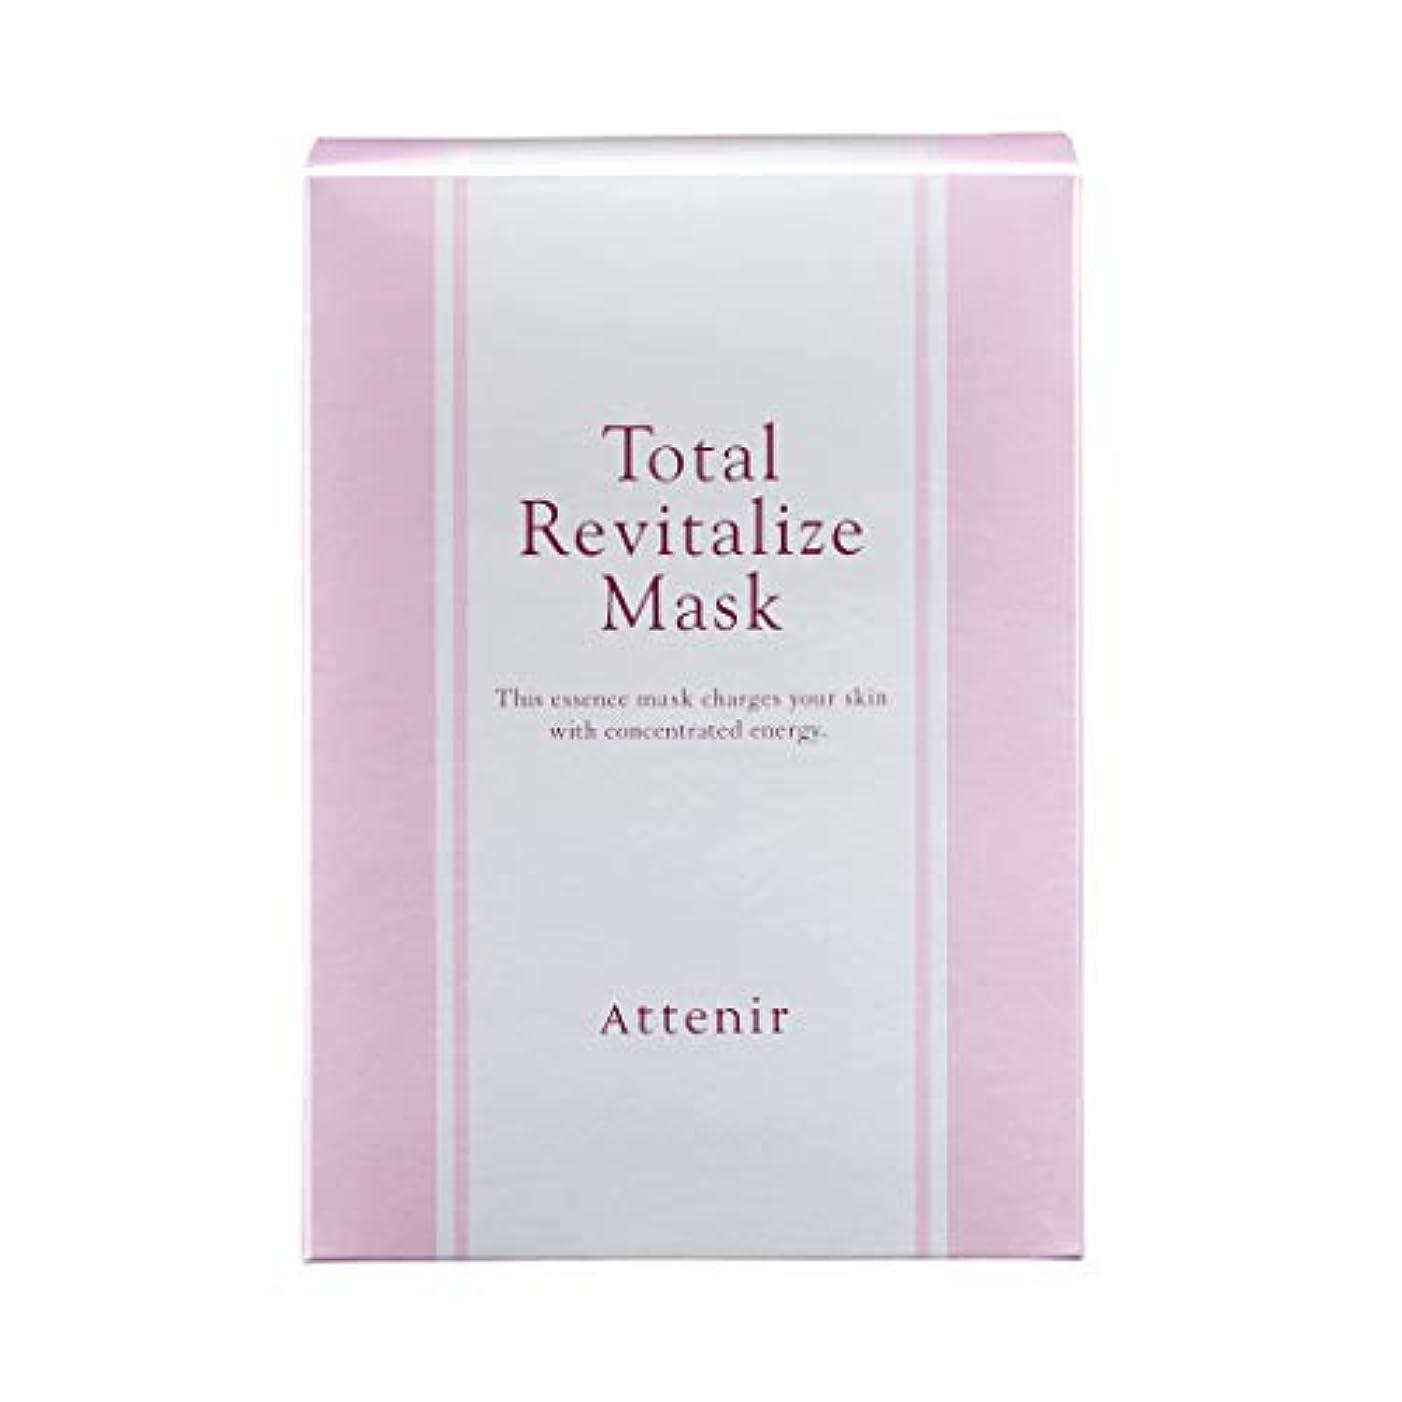 浴過激派の中でアテニア トータルリヴァイタライズ マスク肌疲労ケアシートマスク 全顔用 6包入り フェイスパック